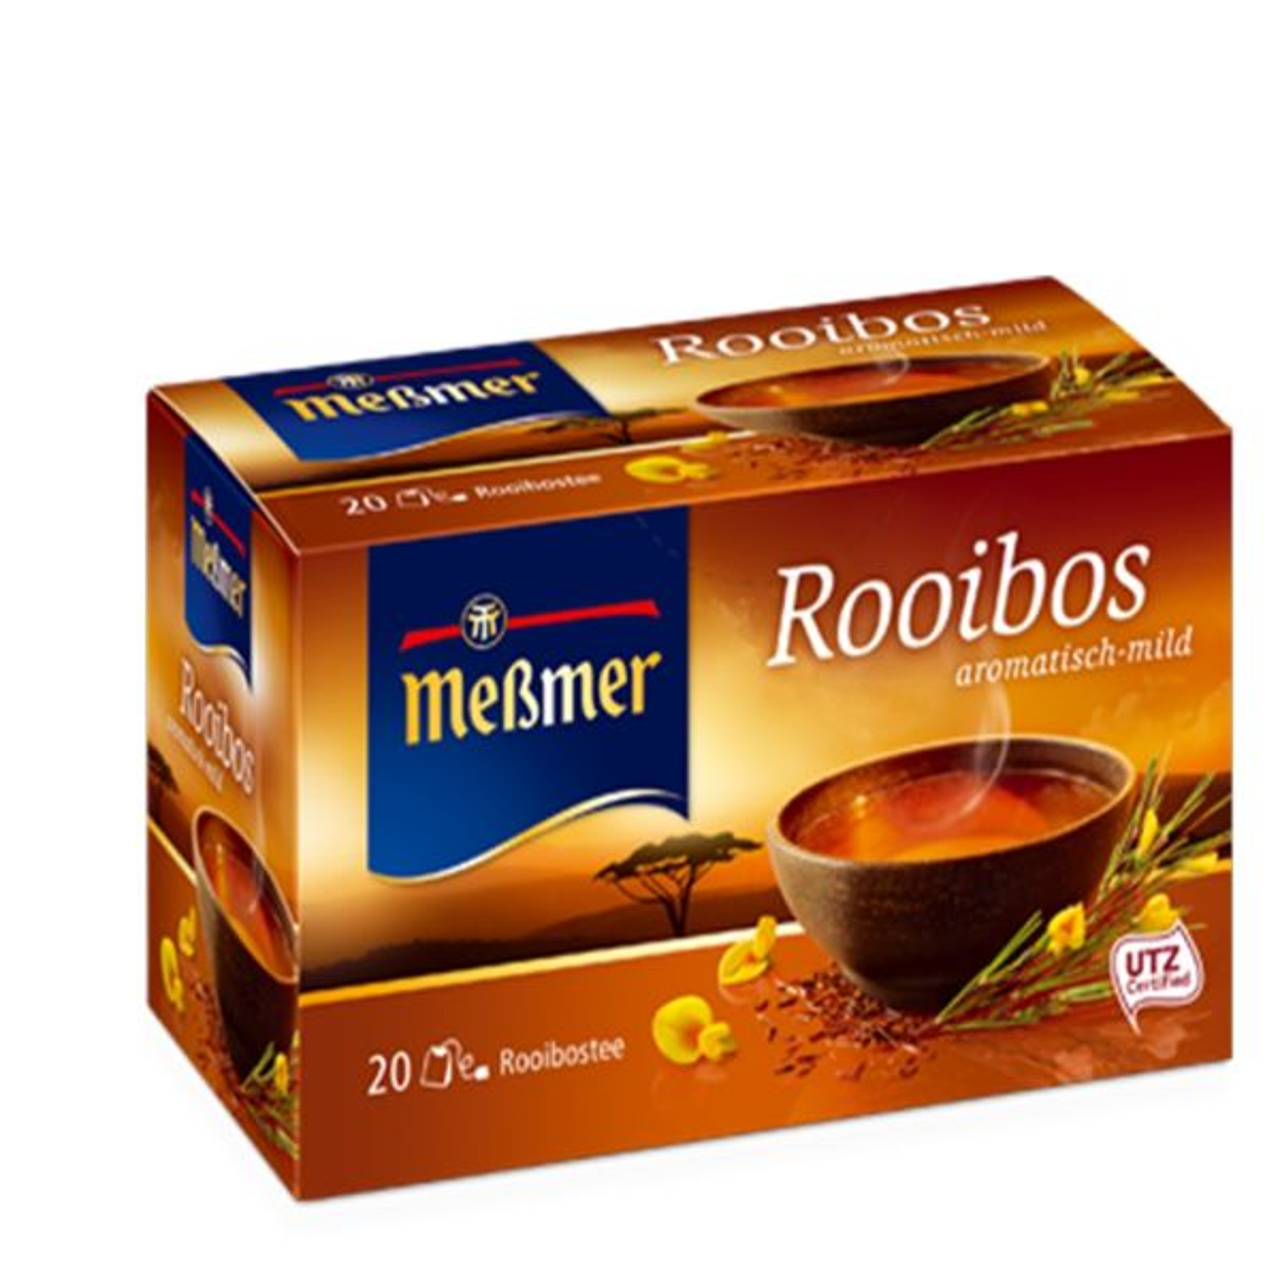 دمنوش آلمانی رویبوس مسمر مدل Rooibos بسته 20 عددی